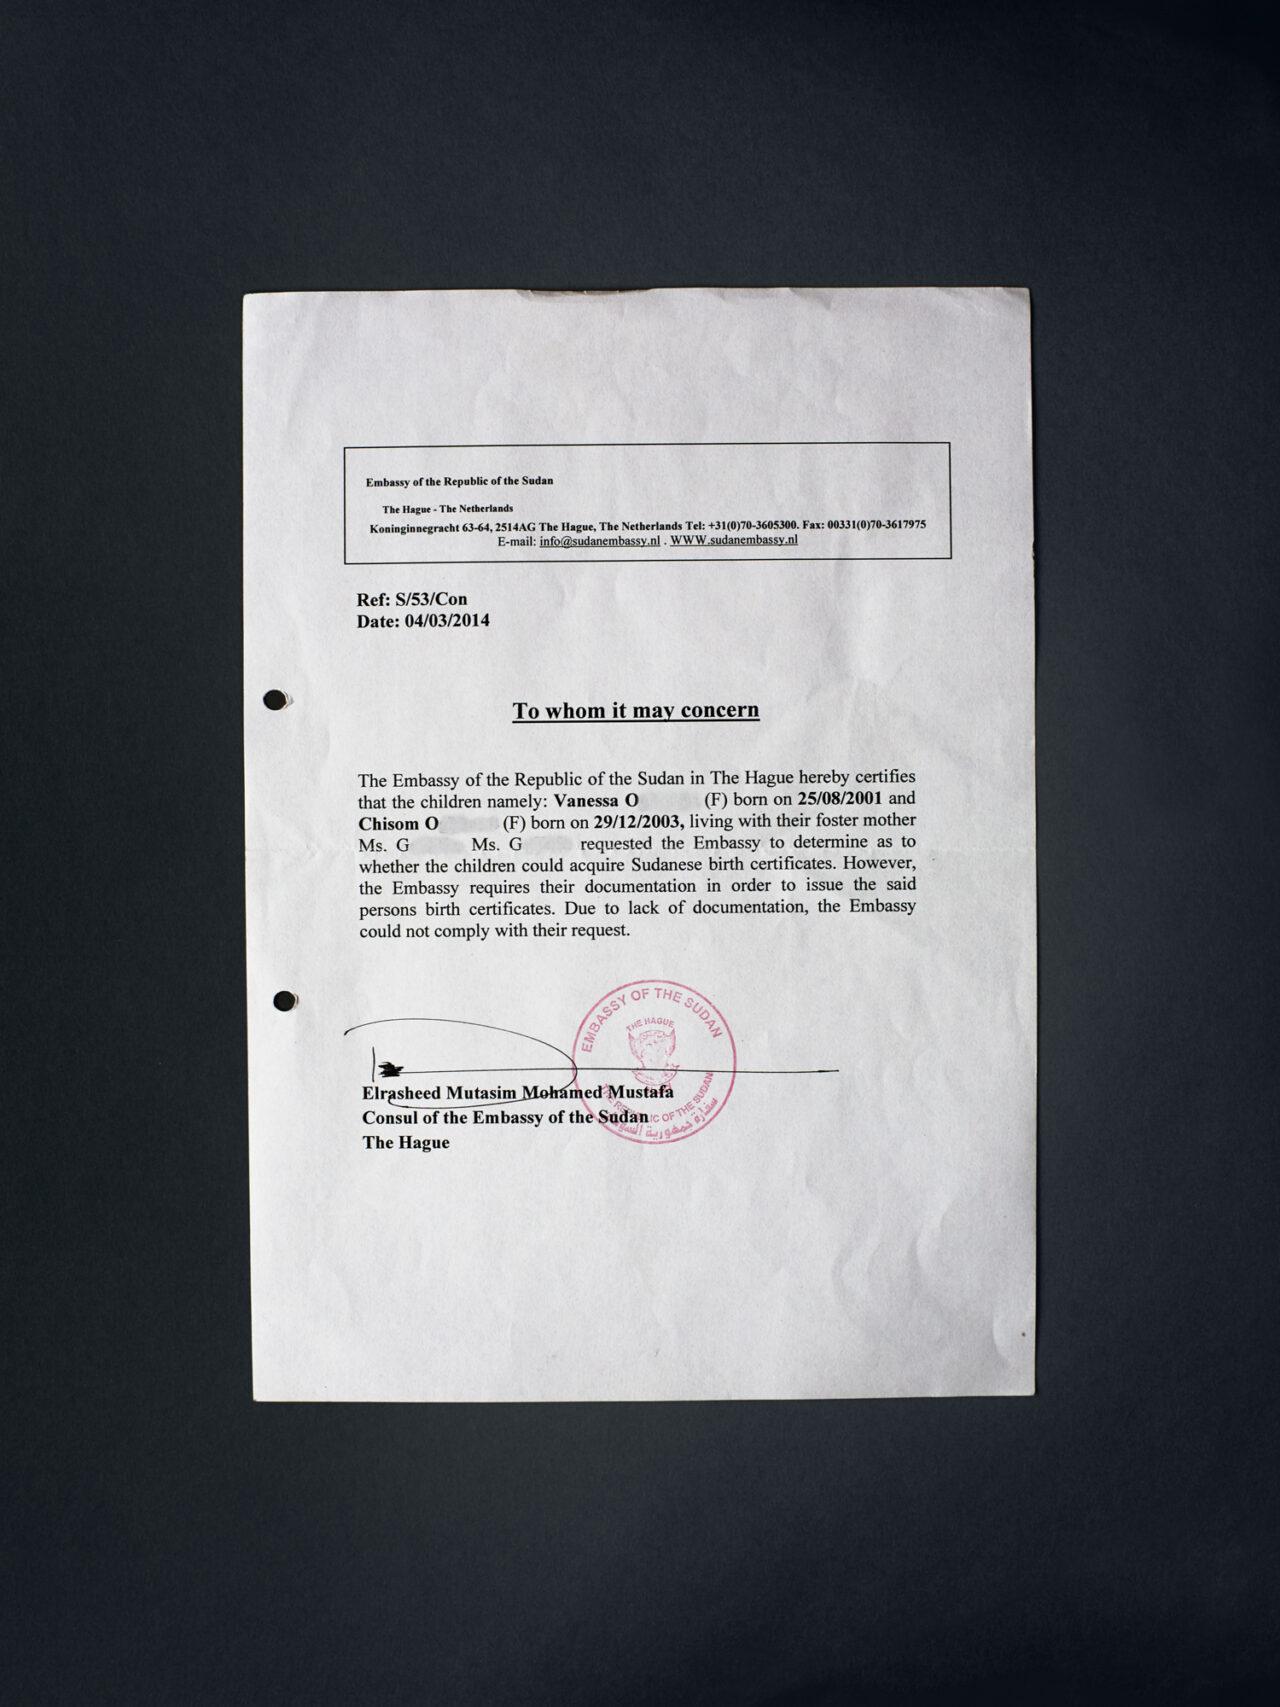 Verklaring van de Sudanese ambassade met betrekking op Vanessa en Chisoms identiteit.